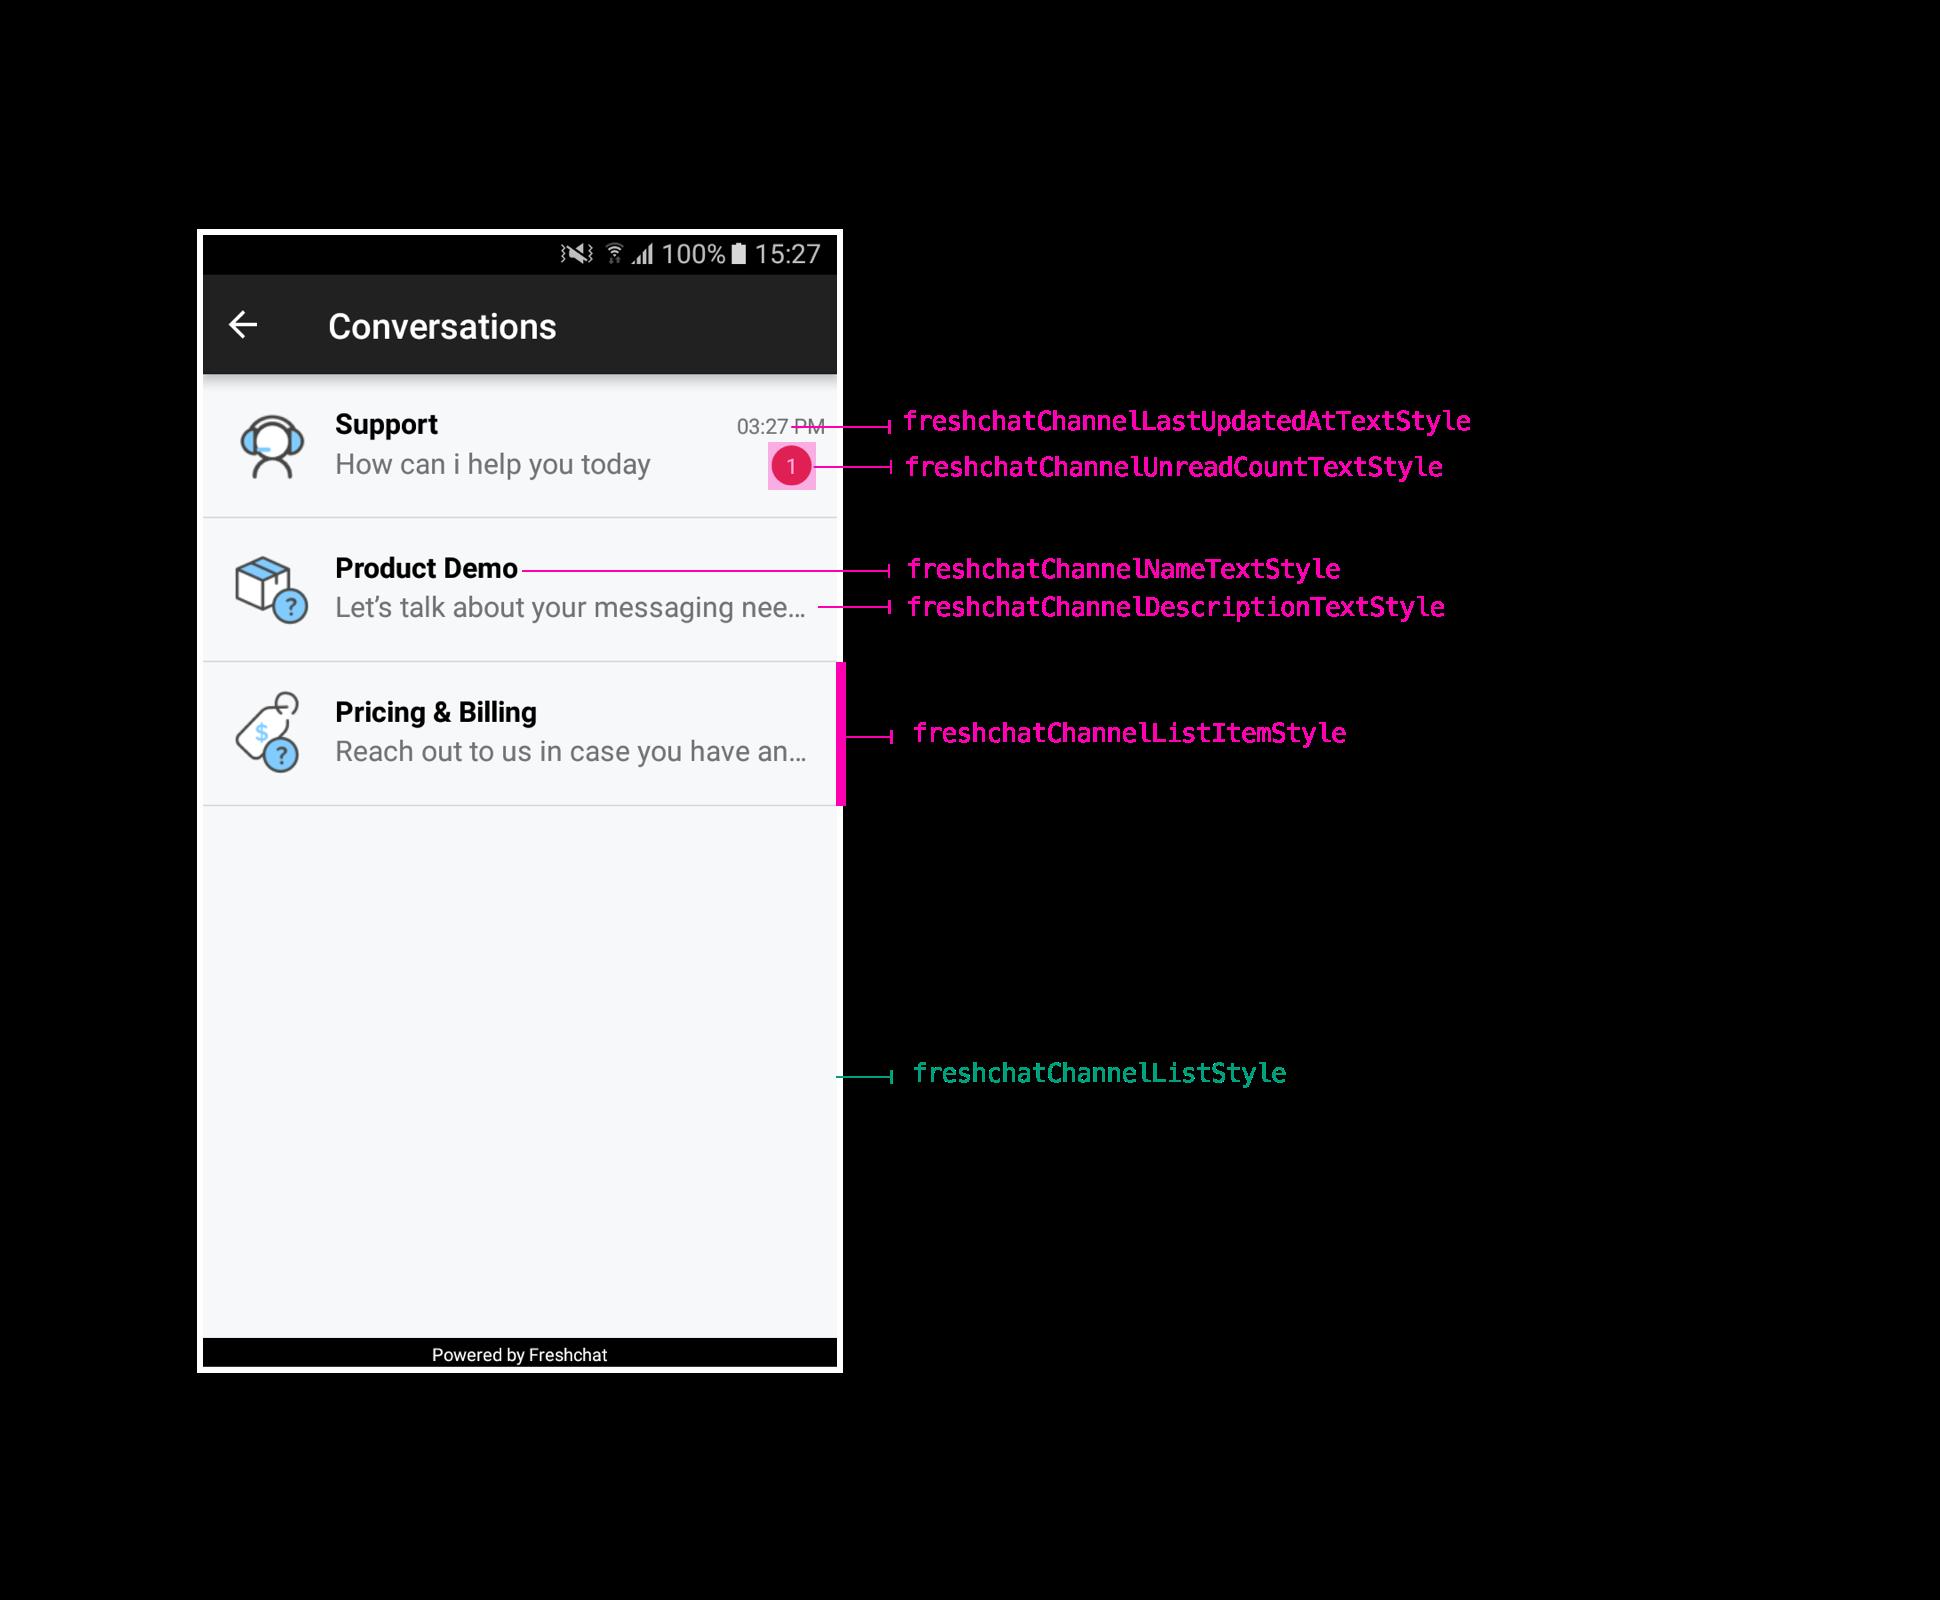 Freshchat - Android SDK Themes and Customizations : Freshchat